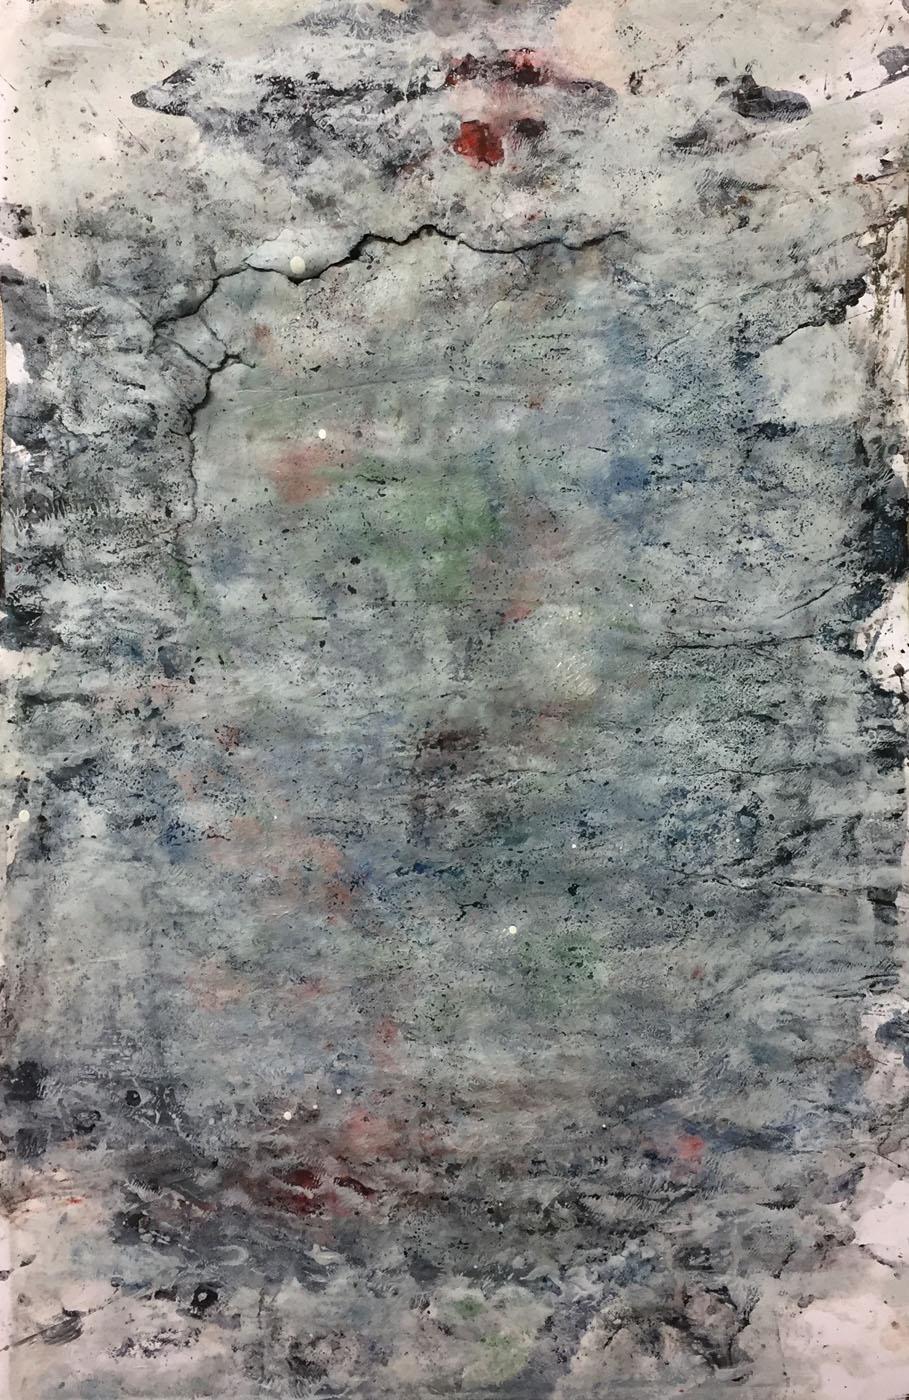 MARC FELD 2019 PARCHEMIN Gouache, acrylique et pigment sur papier 50 x 32 cm